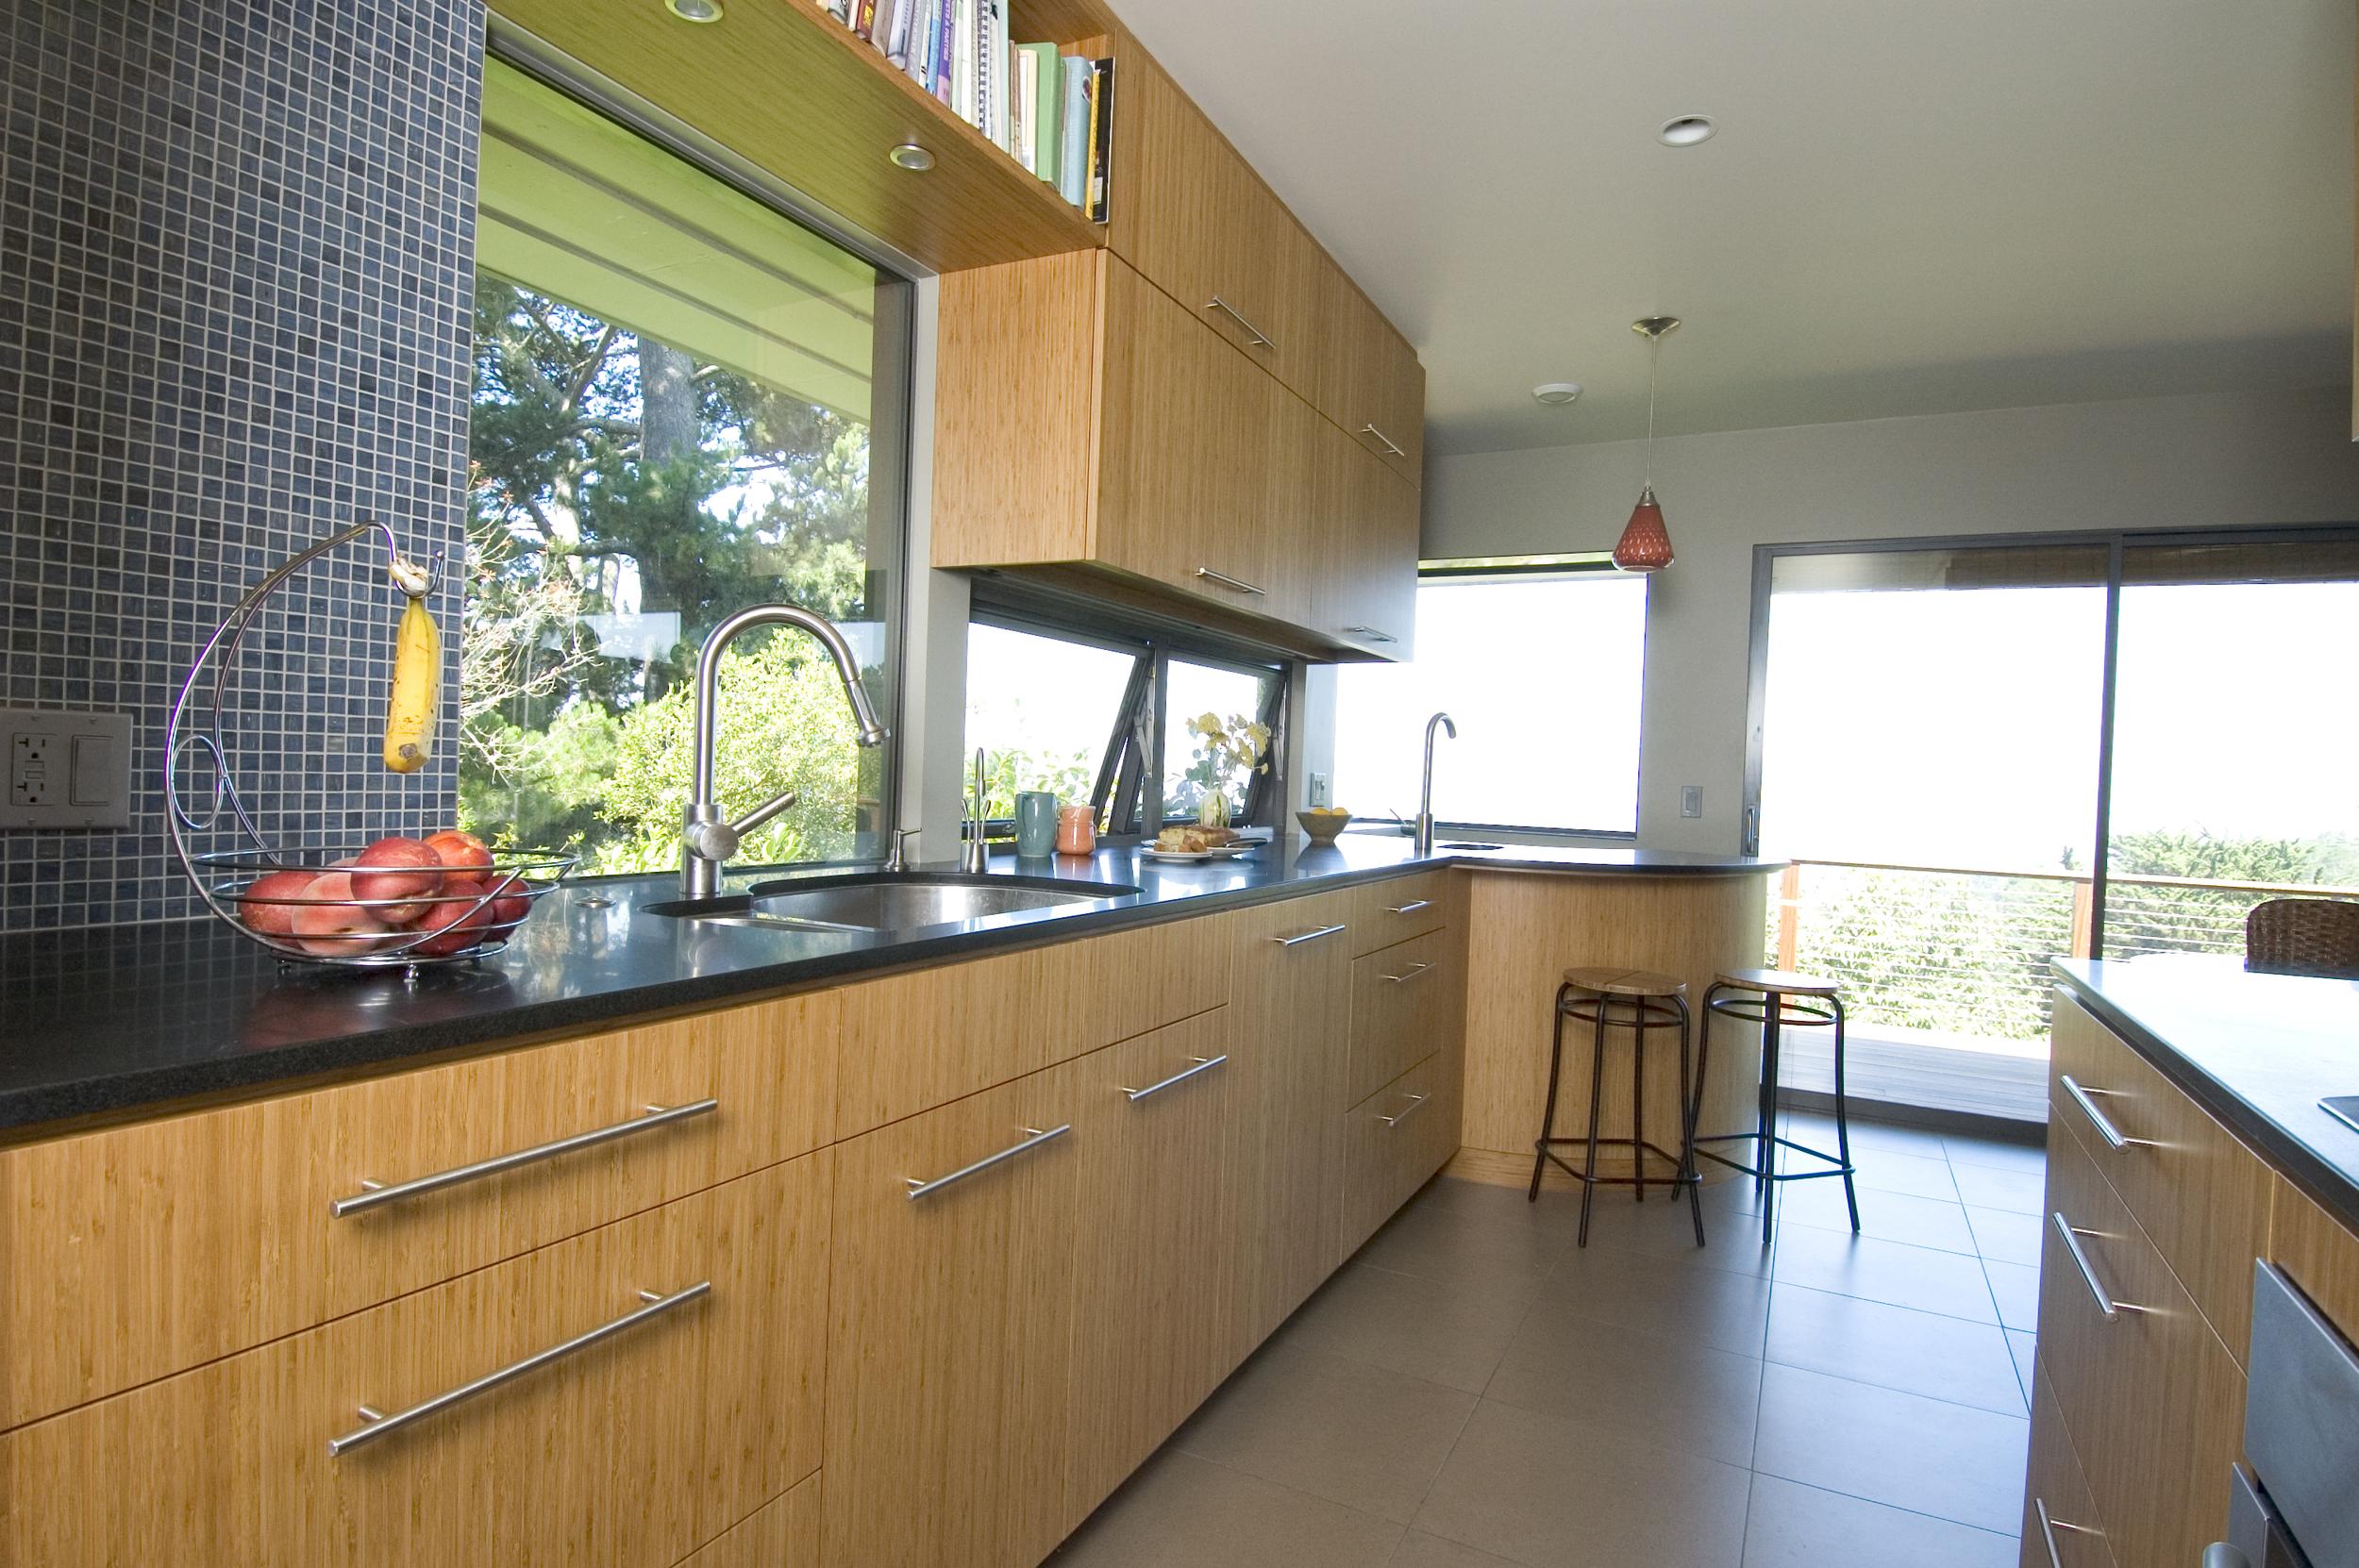 kitchen postcard.jpg